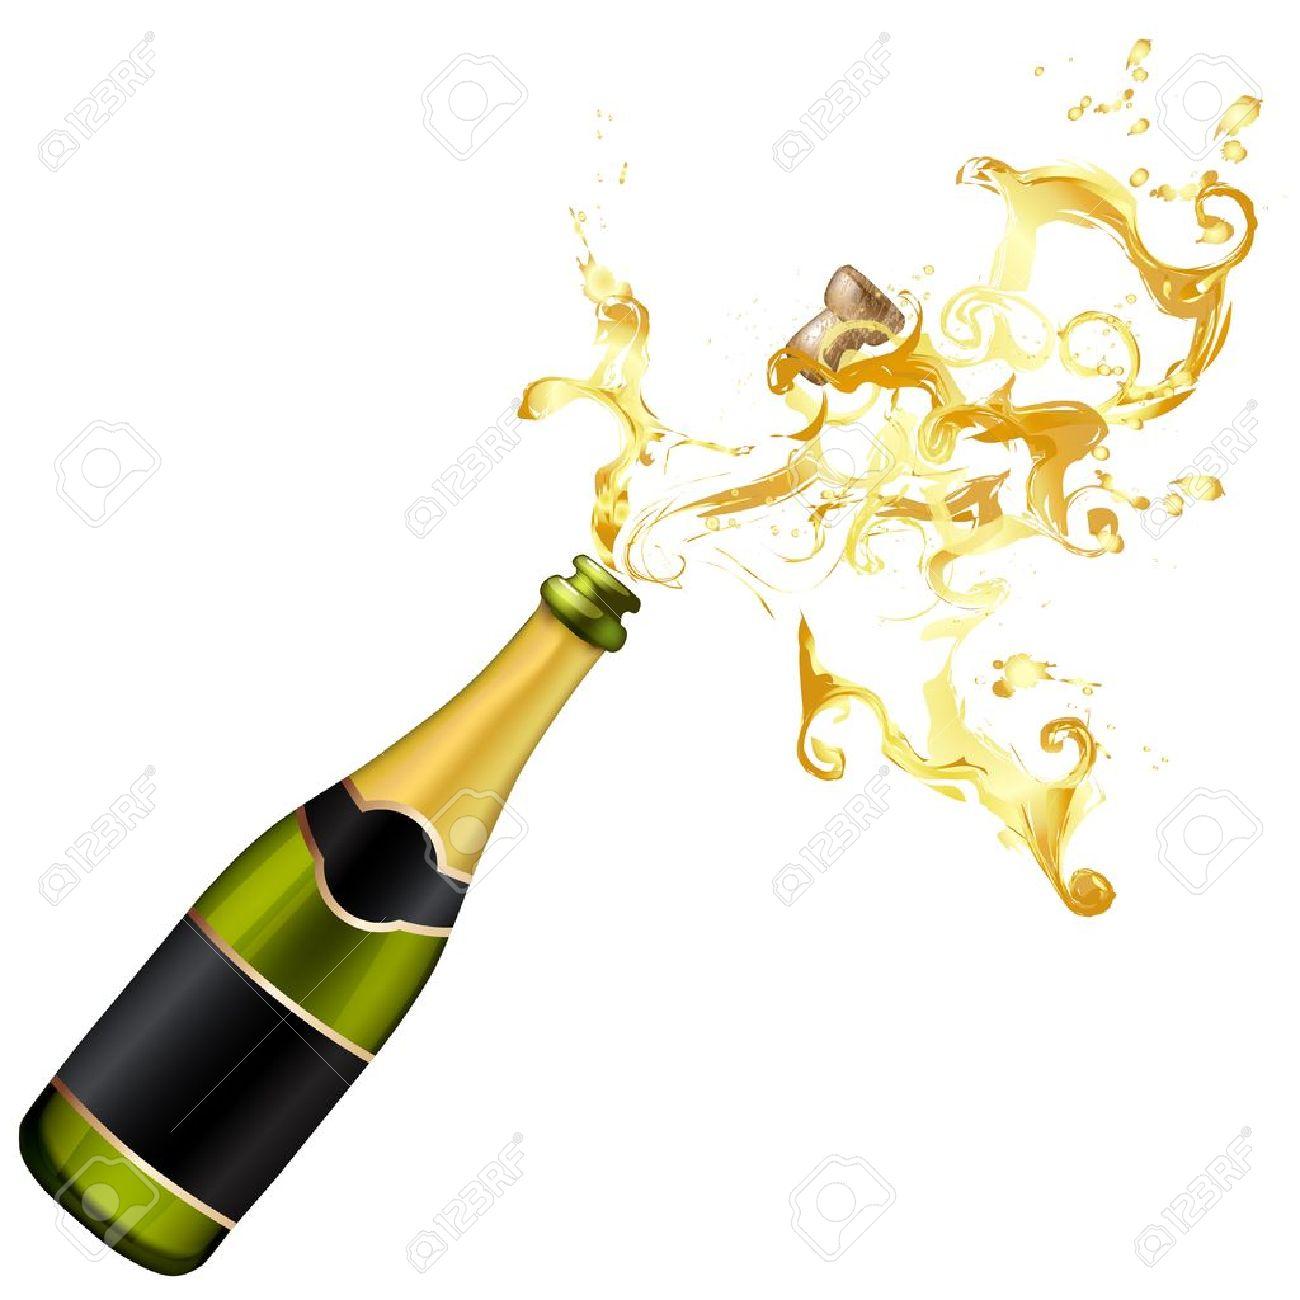 Illustration De L Explosion De Liege De Bouteille De Champagne Clip Art Libres De Droits Vecteurs Et Illustration Image 17043766